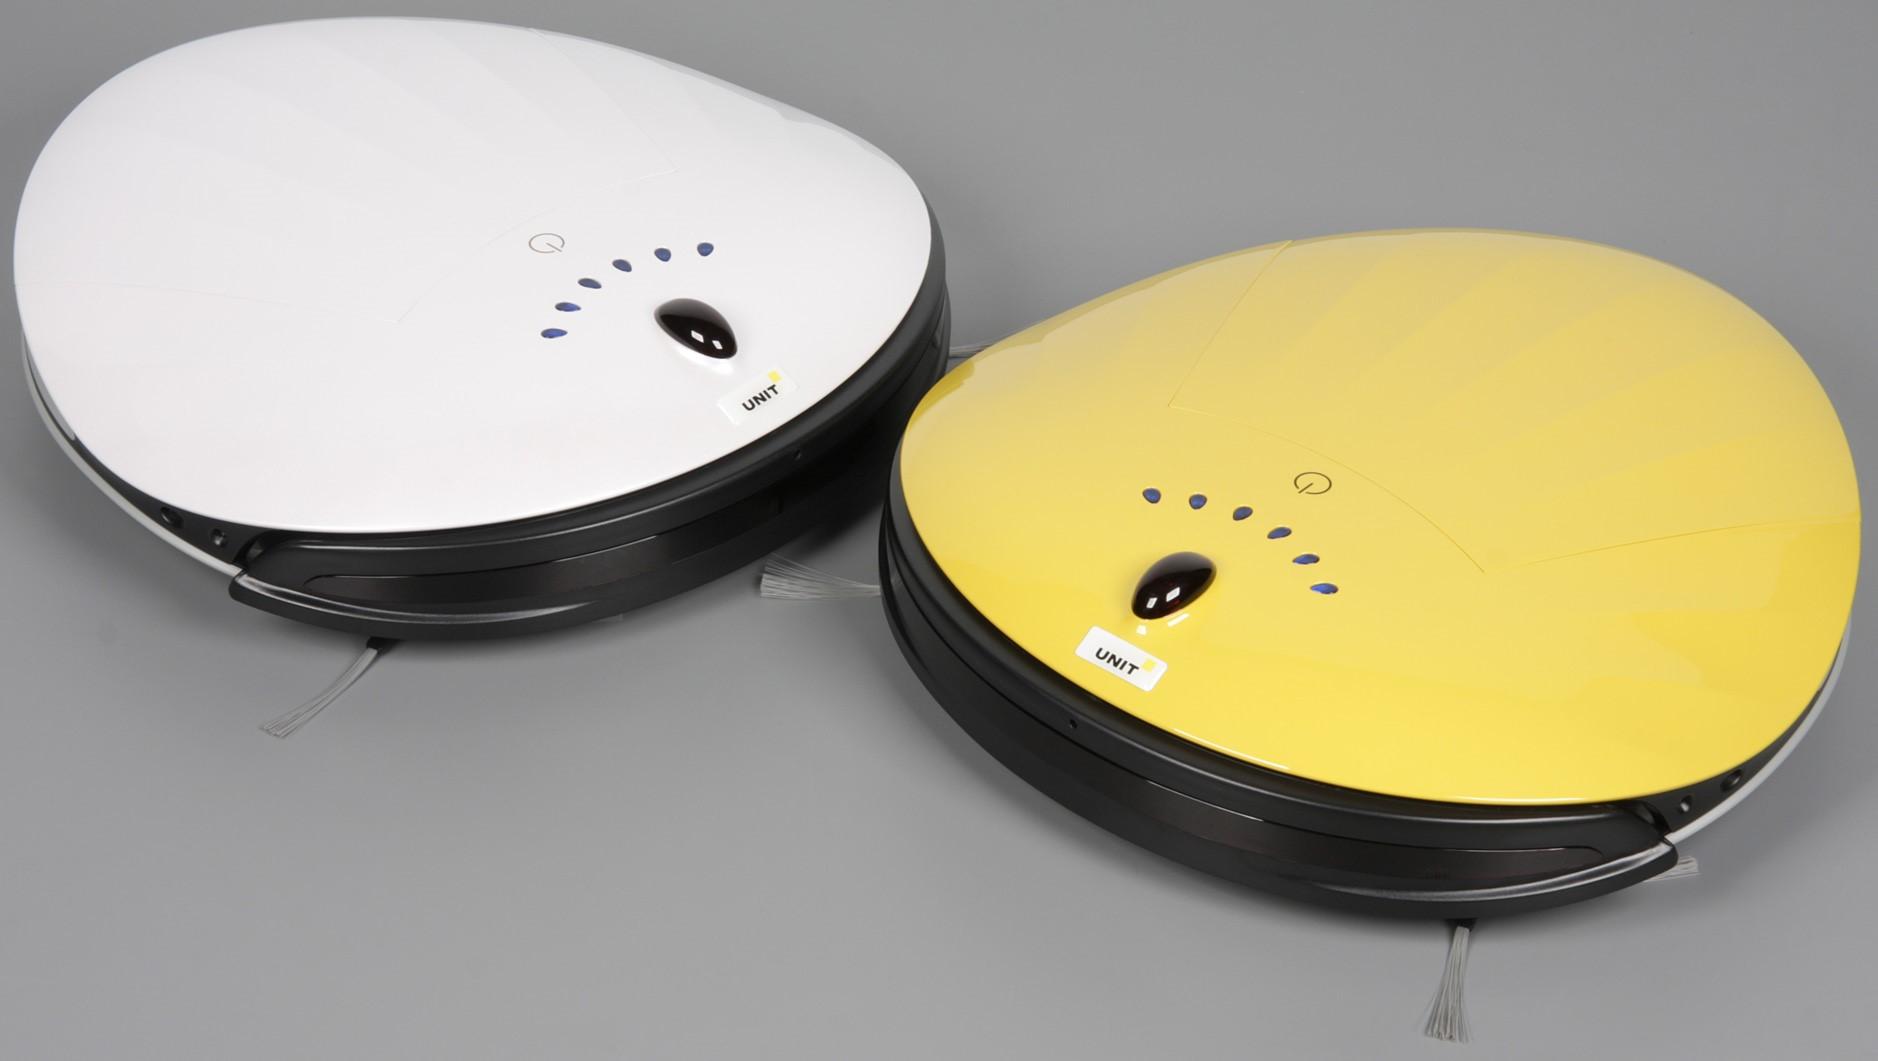 Рис. 10. UNIT UVR-8000 – робот-пылесос с бюджетной ценой и оригинальным дизайном.